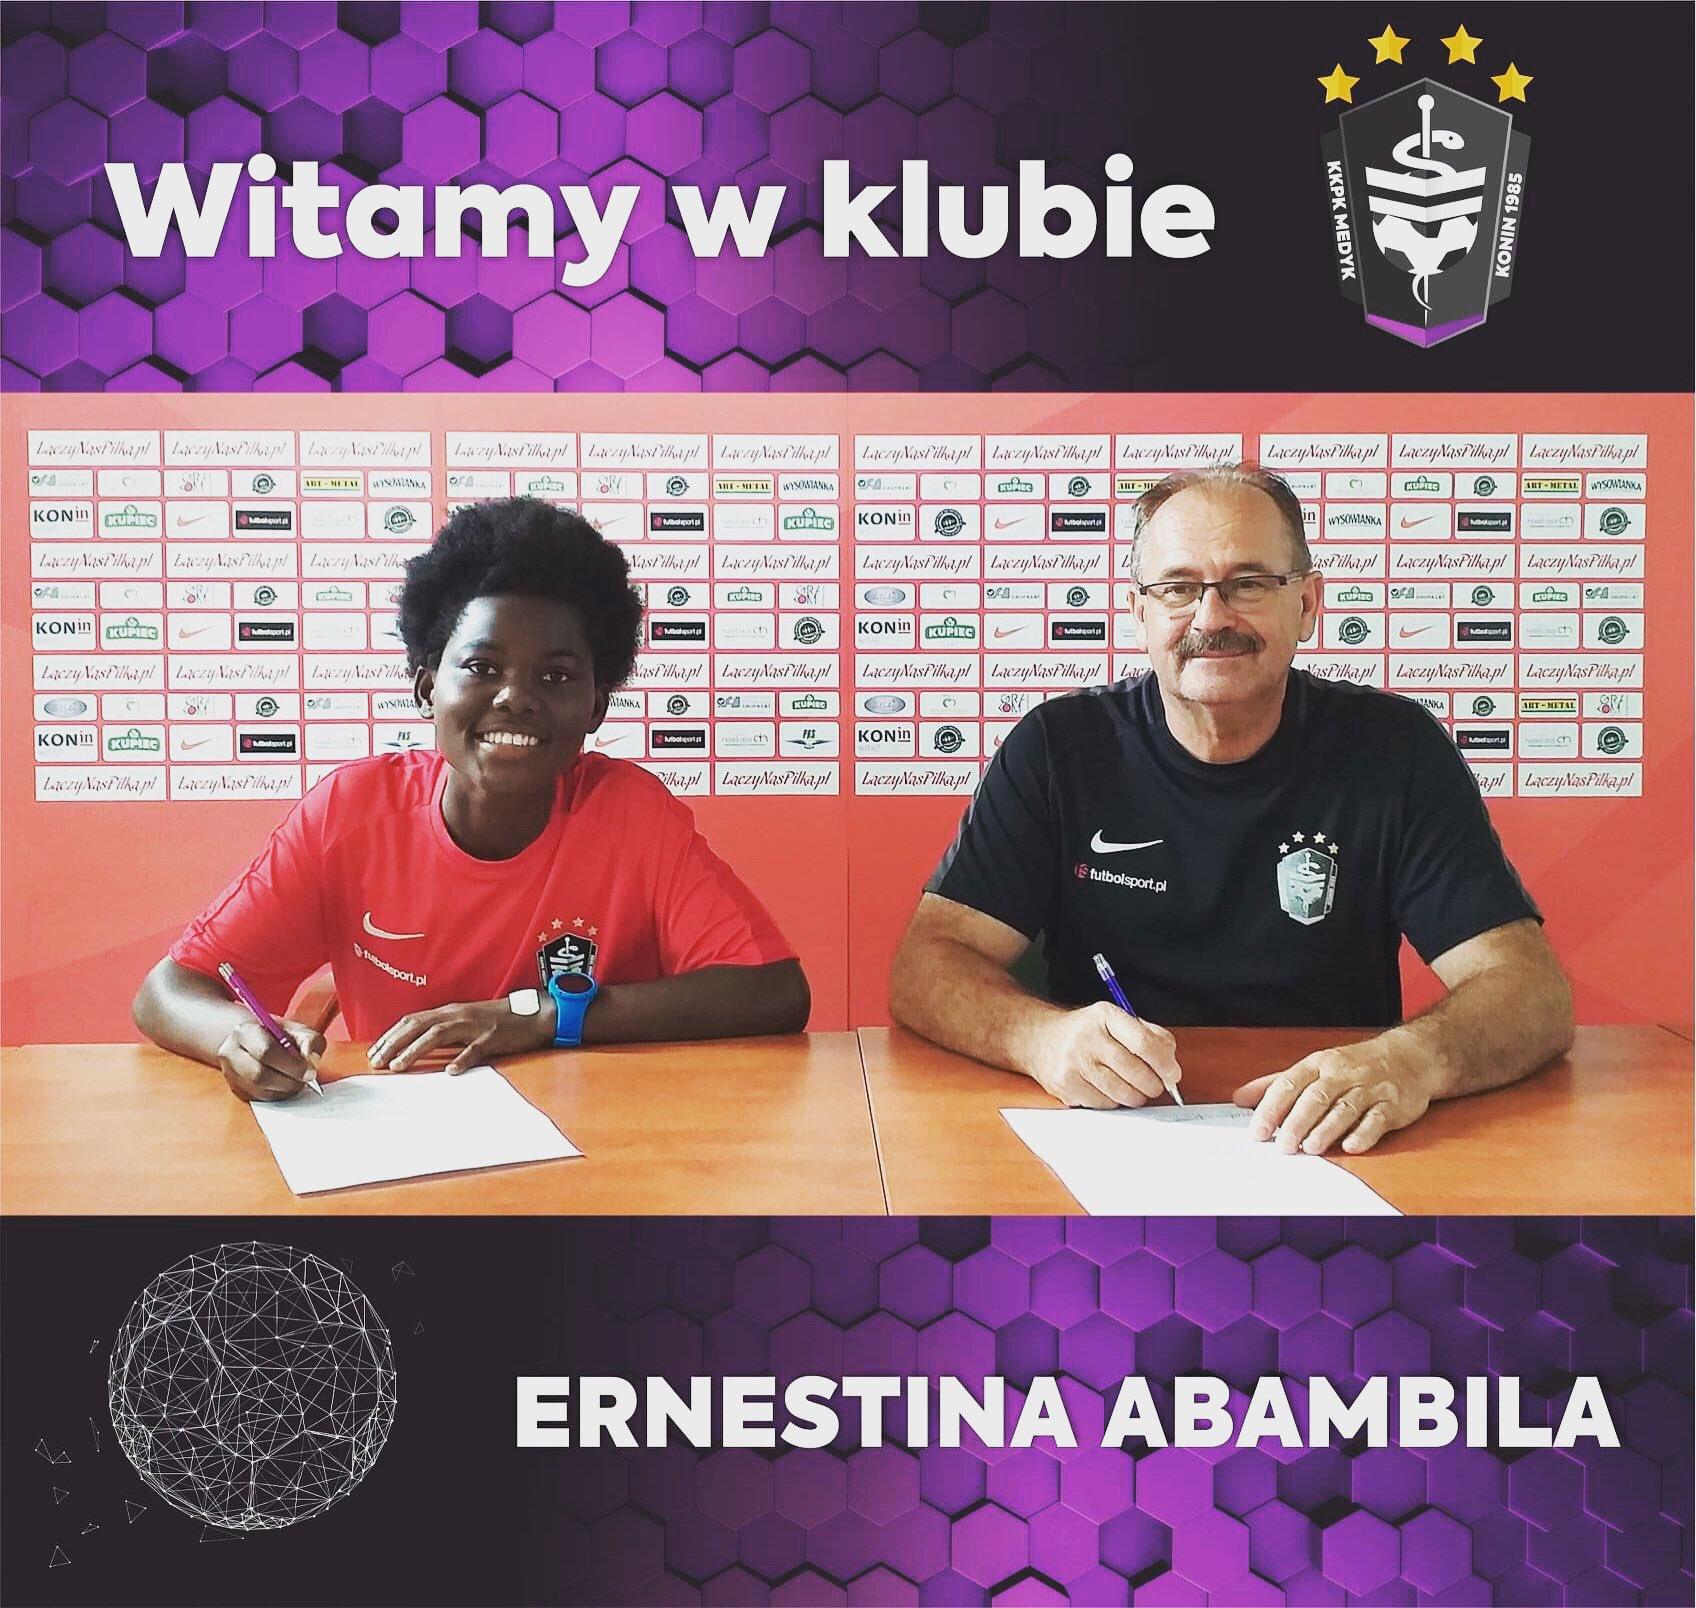 Tony Baffoe congratulates Ernestina Abambila on her transfer to Polish side KKPK Medyk Konin